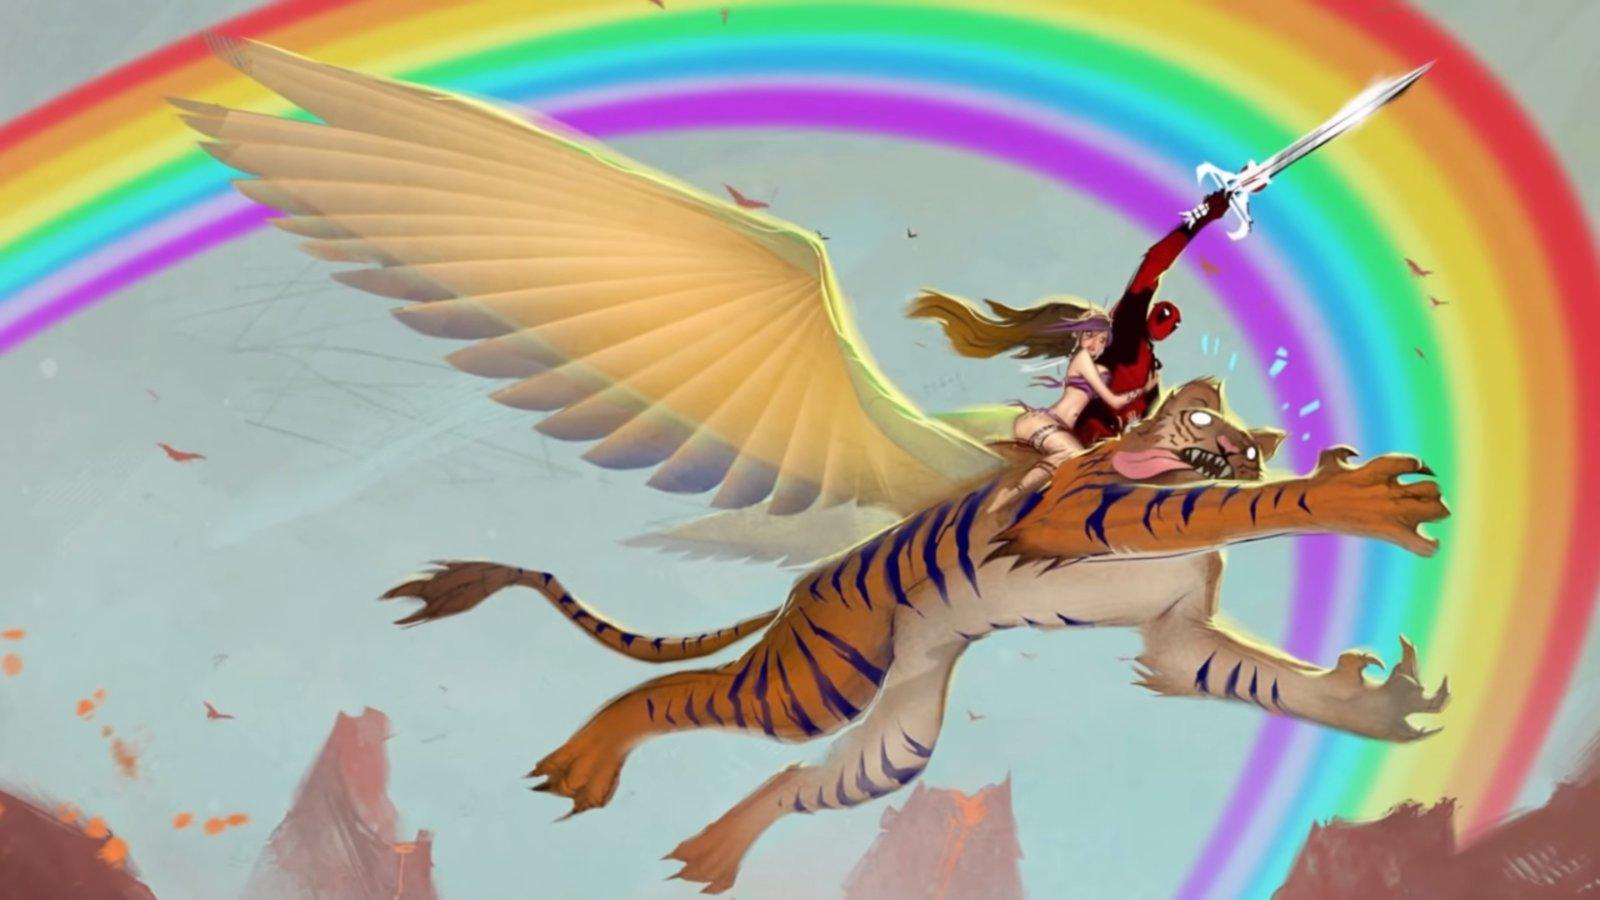 Deadpool Rainbow Playmat 24 x 14 inch